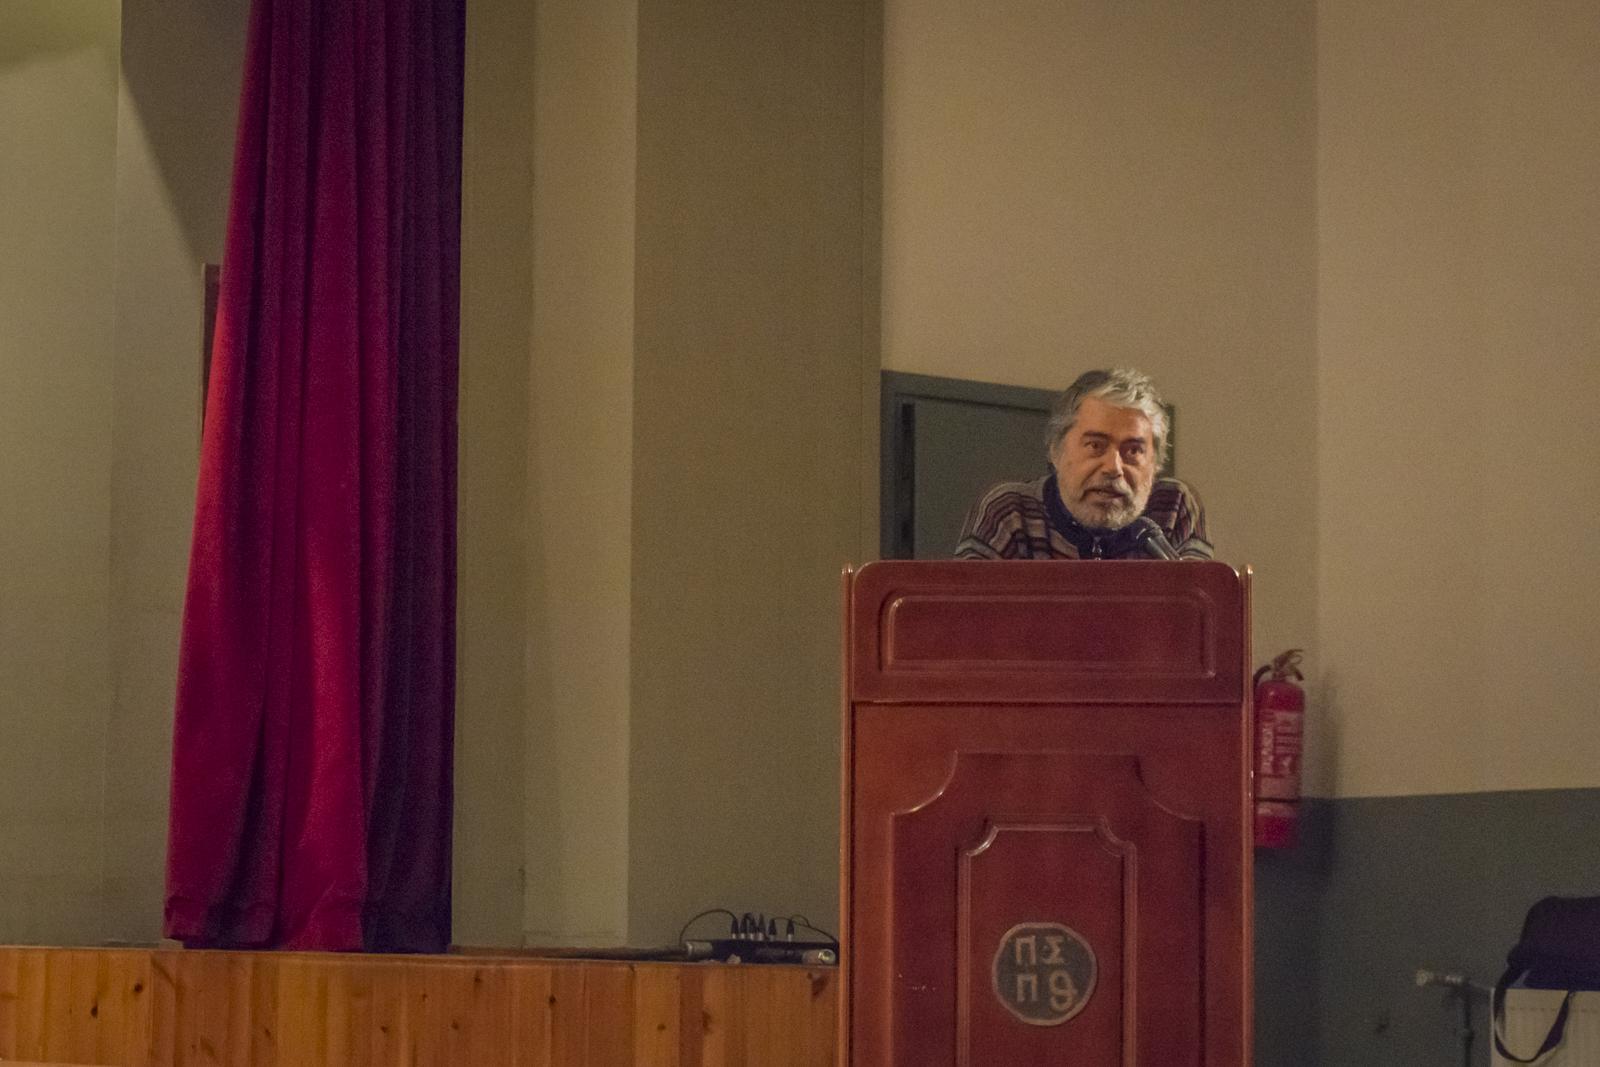 Καθηγητής Αρχιτεκτονικής ΑΠΘ Σαράντης Ζαφειρόπουλος